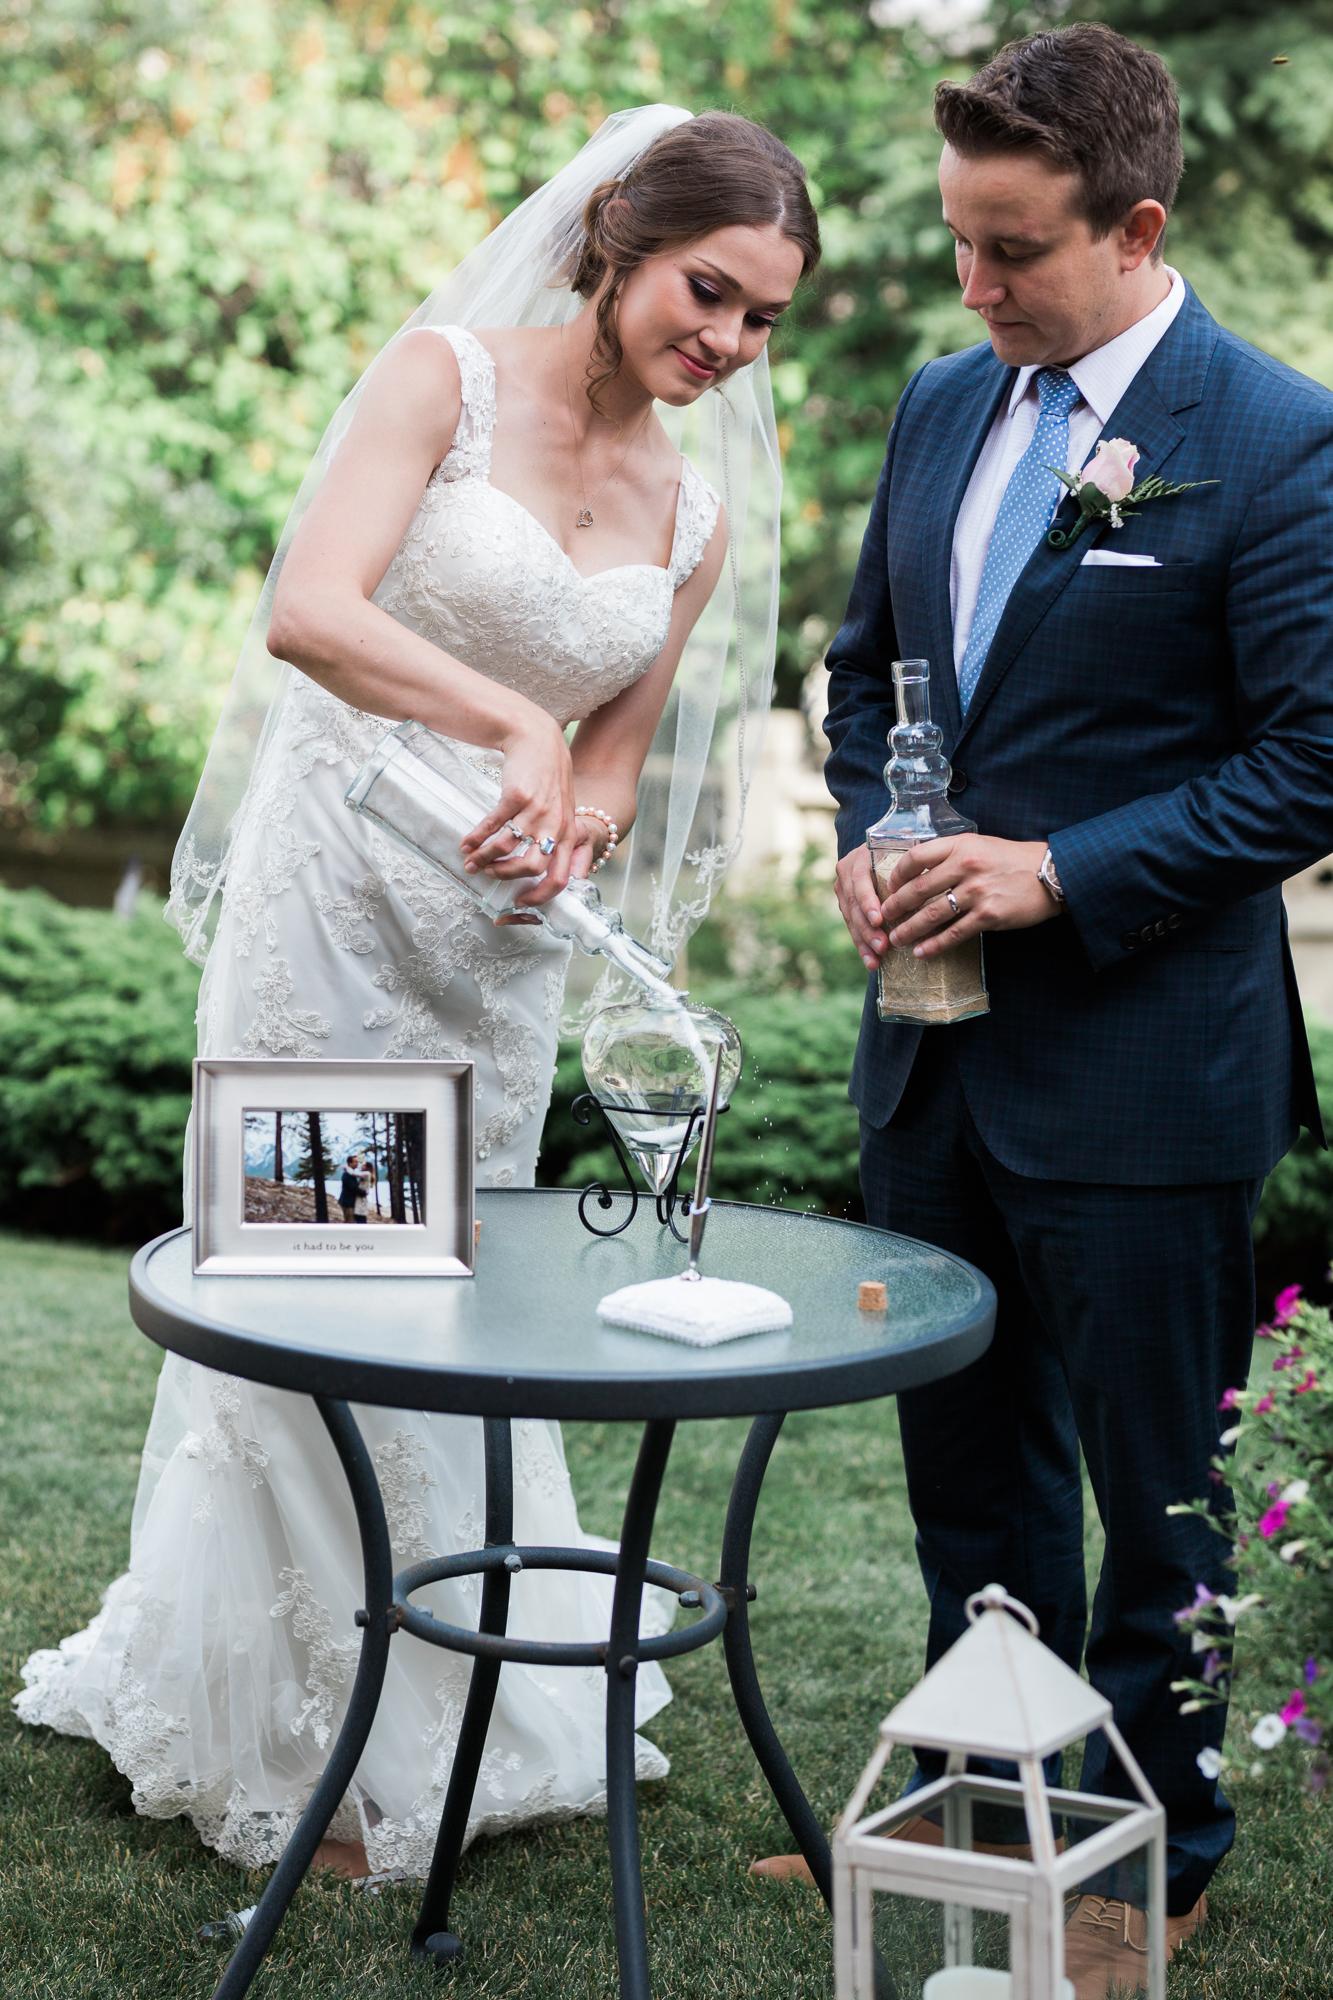 Deanna-Rachel-Photography-calgary-Wedding-photographer-jm-68.jpg